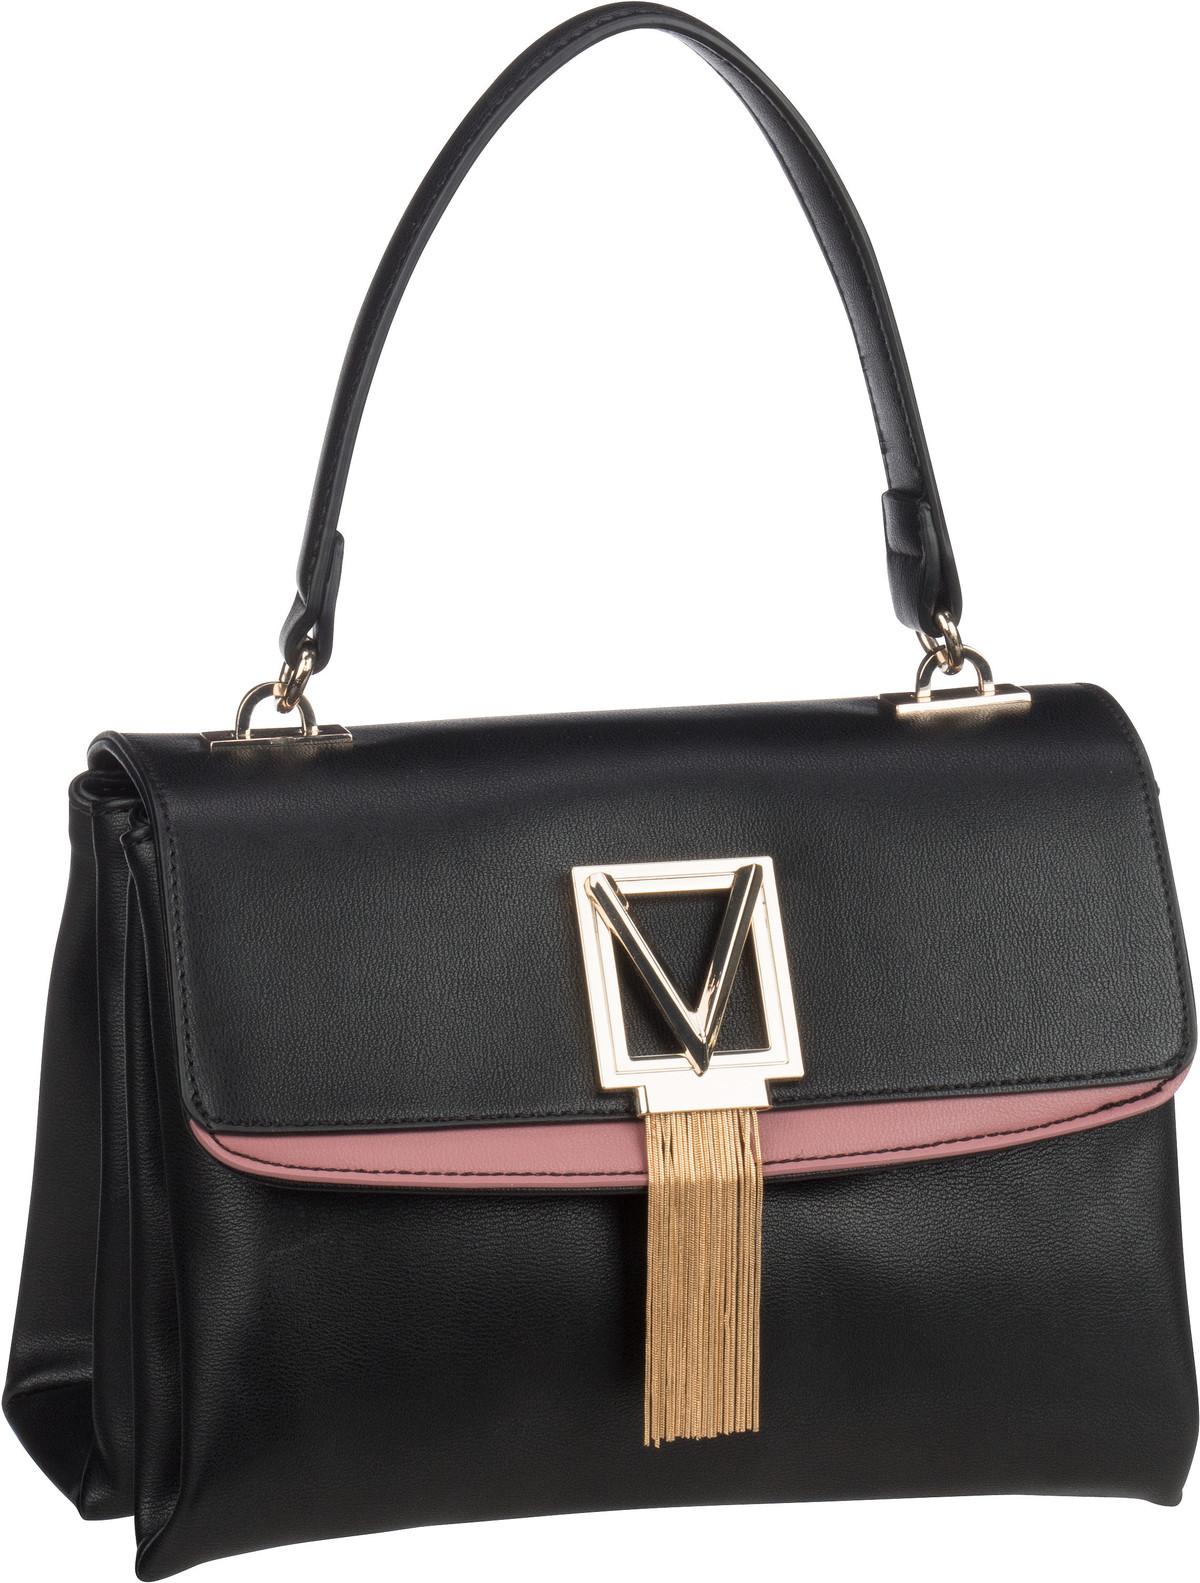 Bags Handtasche Satiro Cartella B02 Nero/Rosa